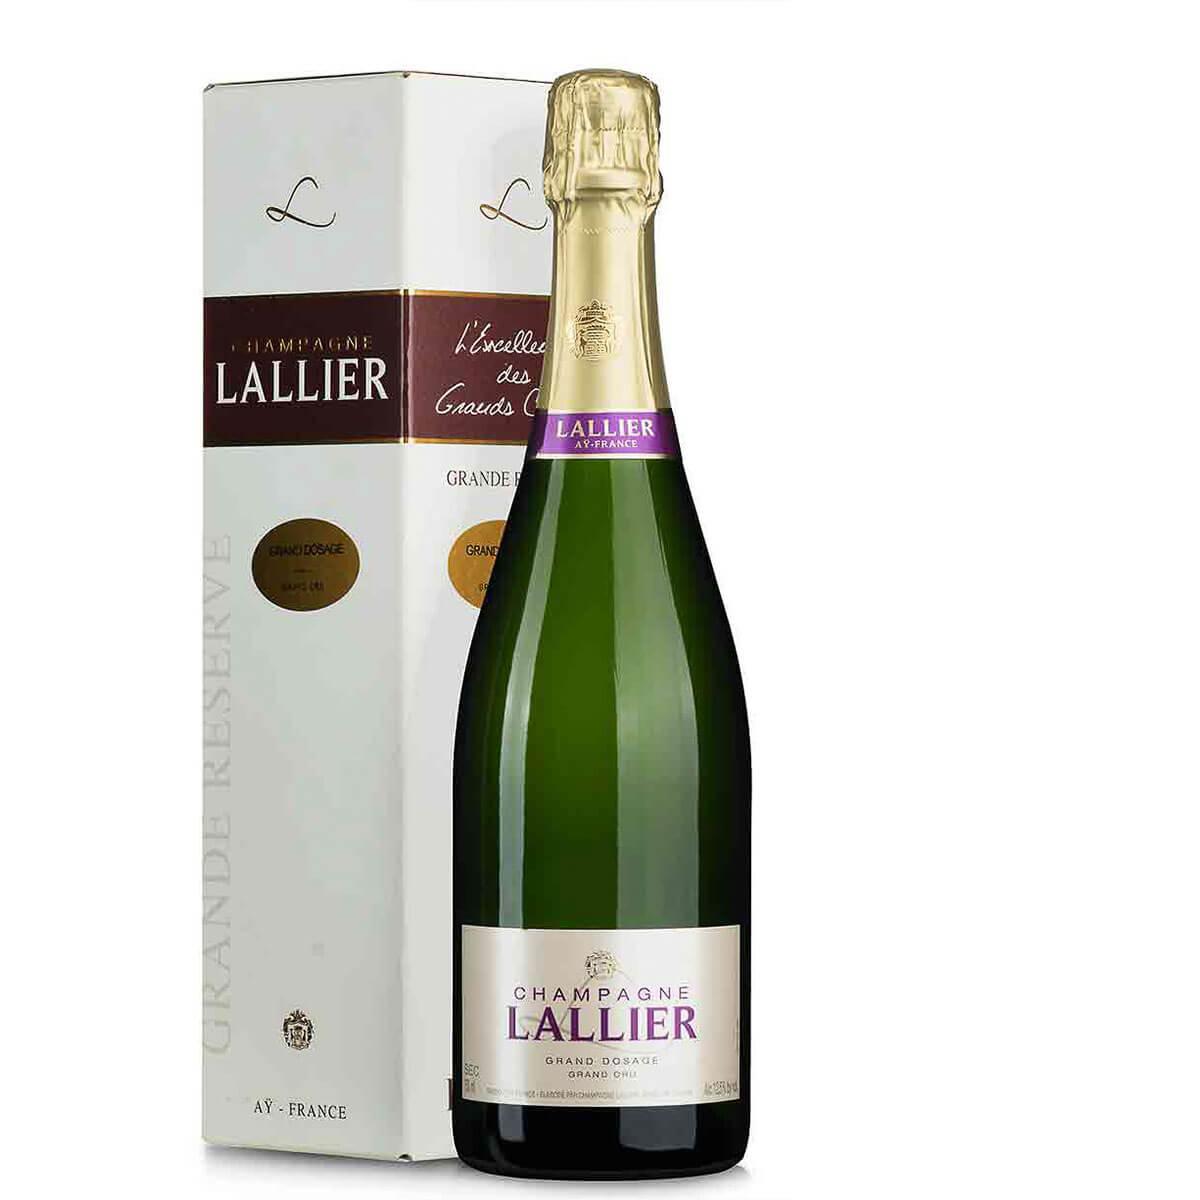 Lallier Champagner Grand Dosage Grand Cru im Geschenkkarton